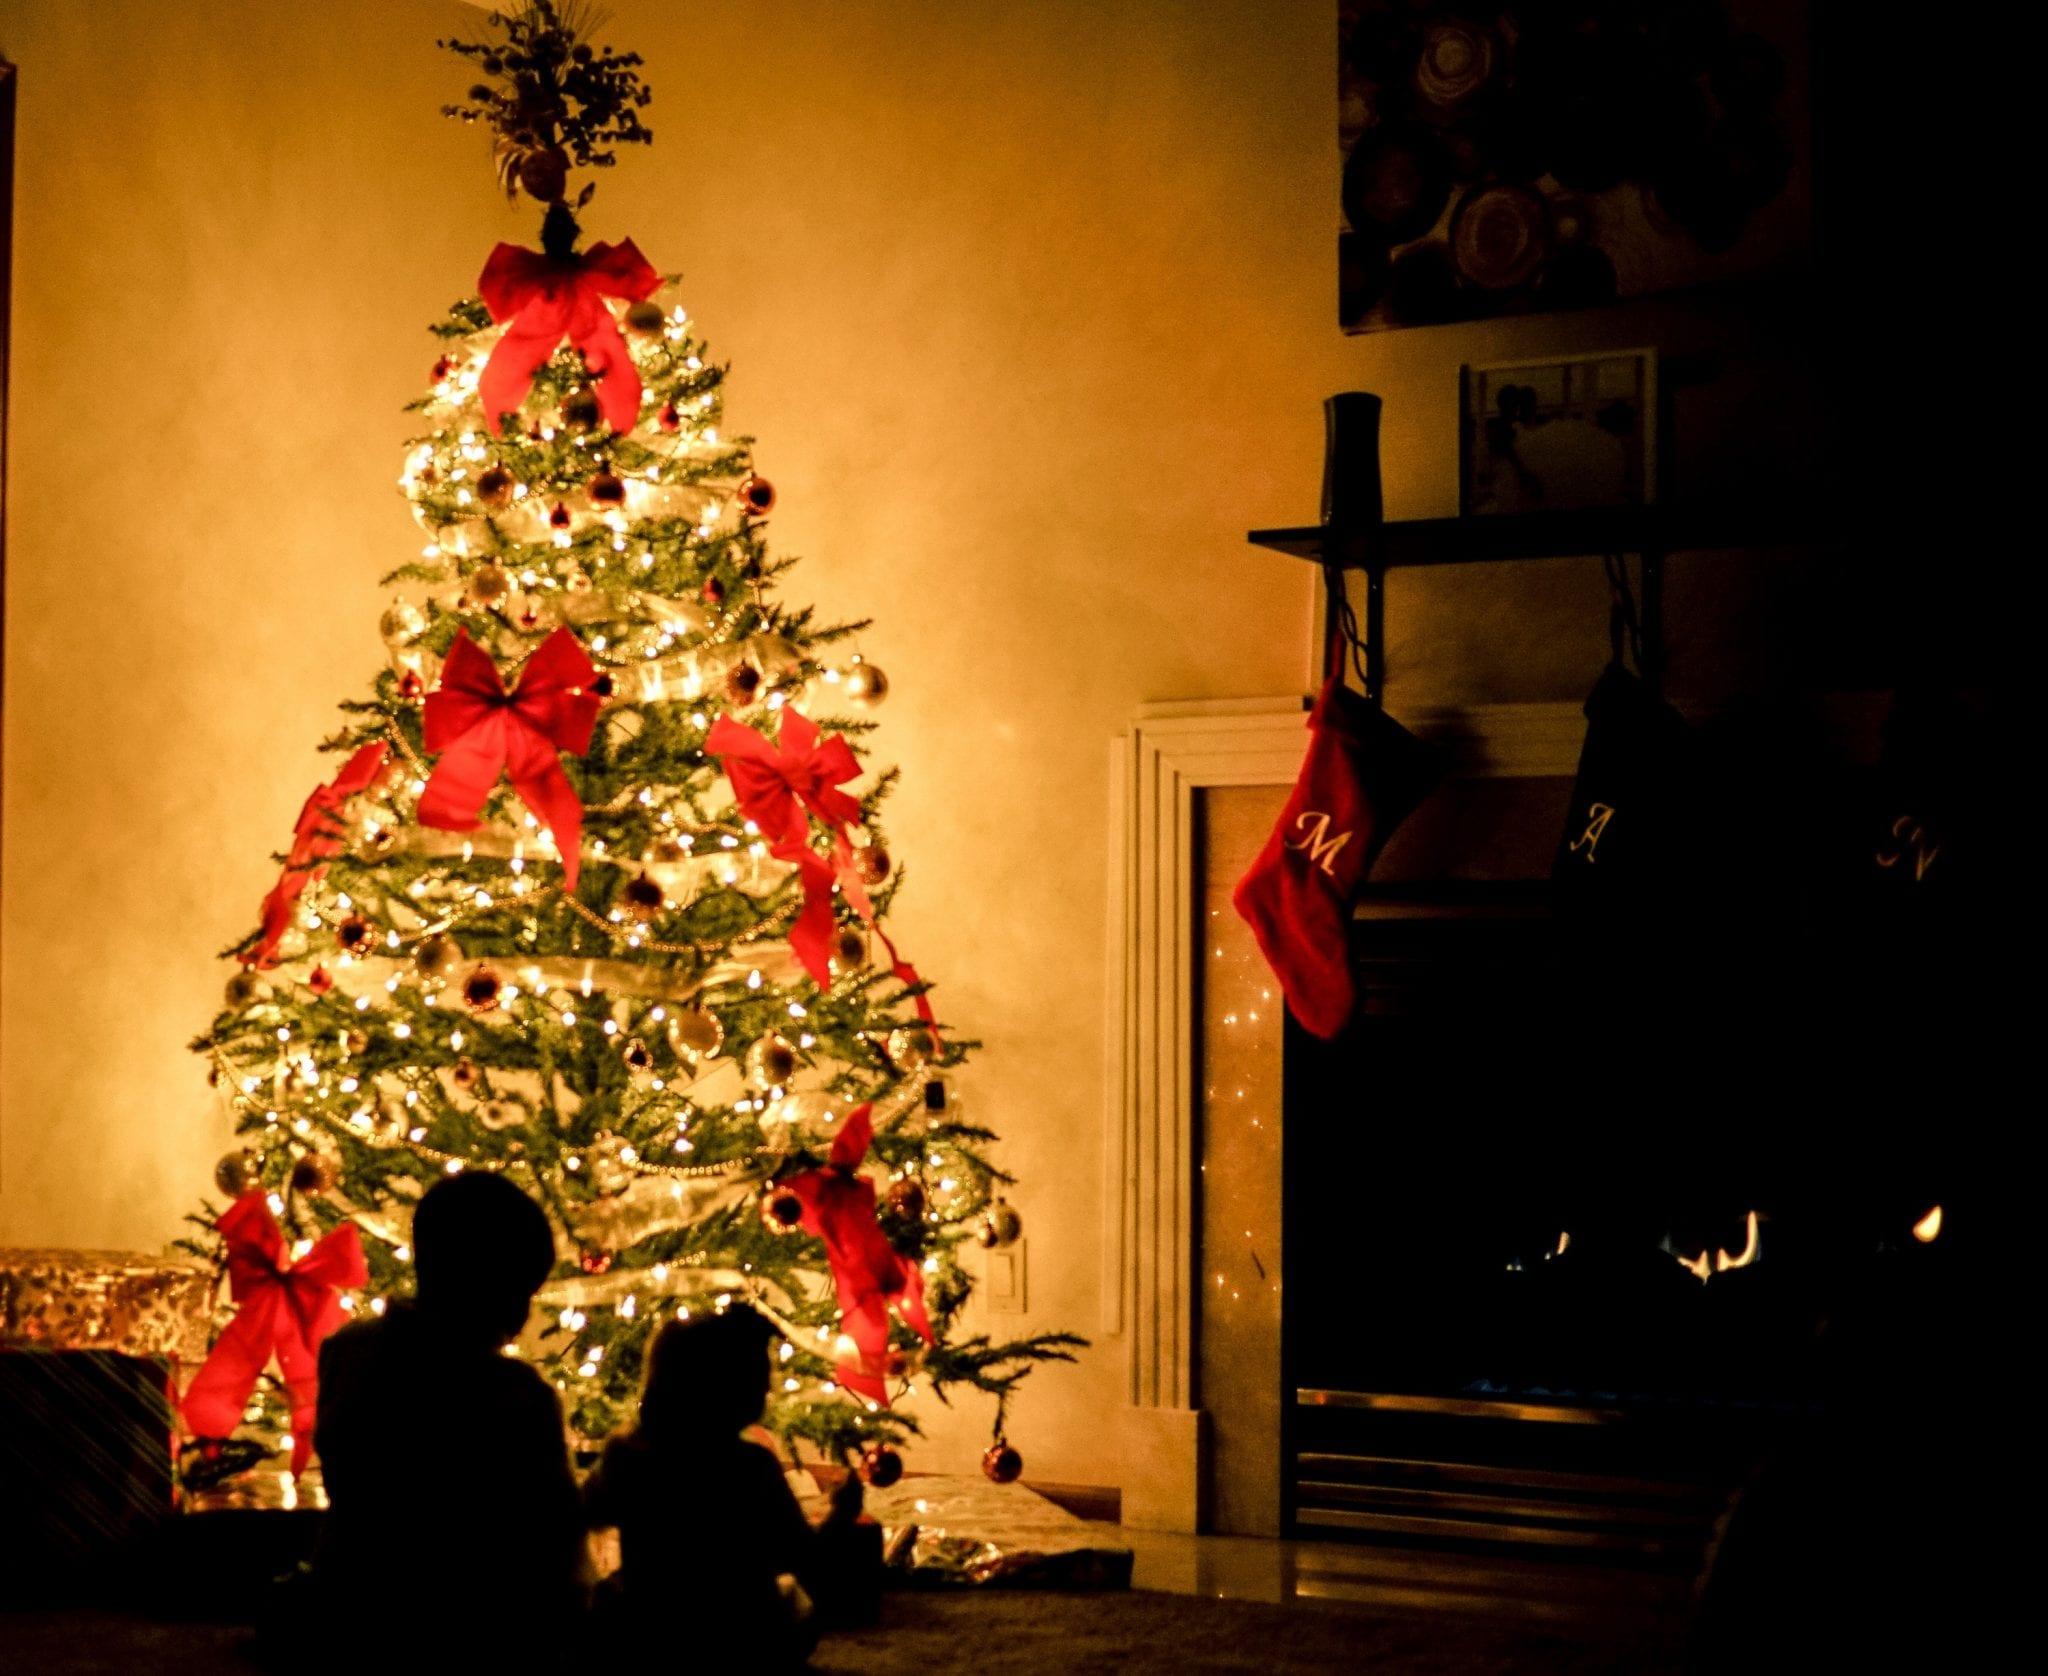 desfazer árvore de natal